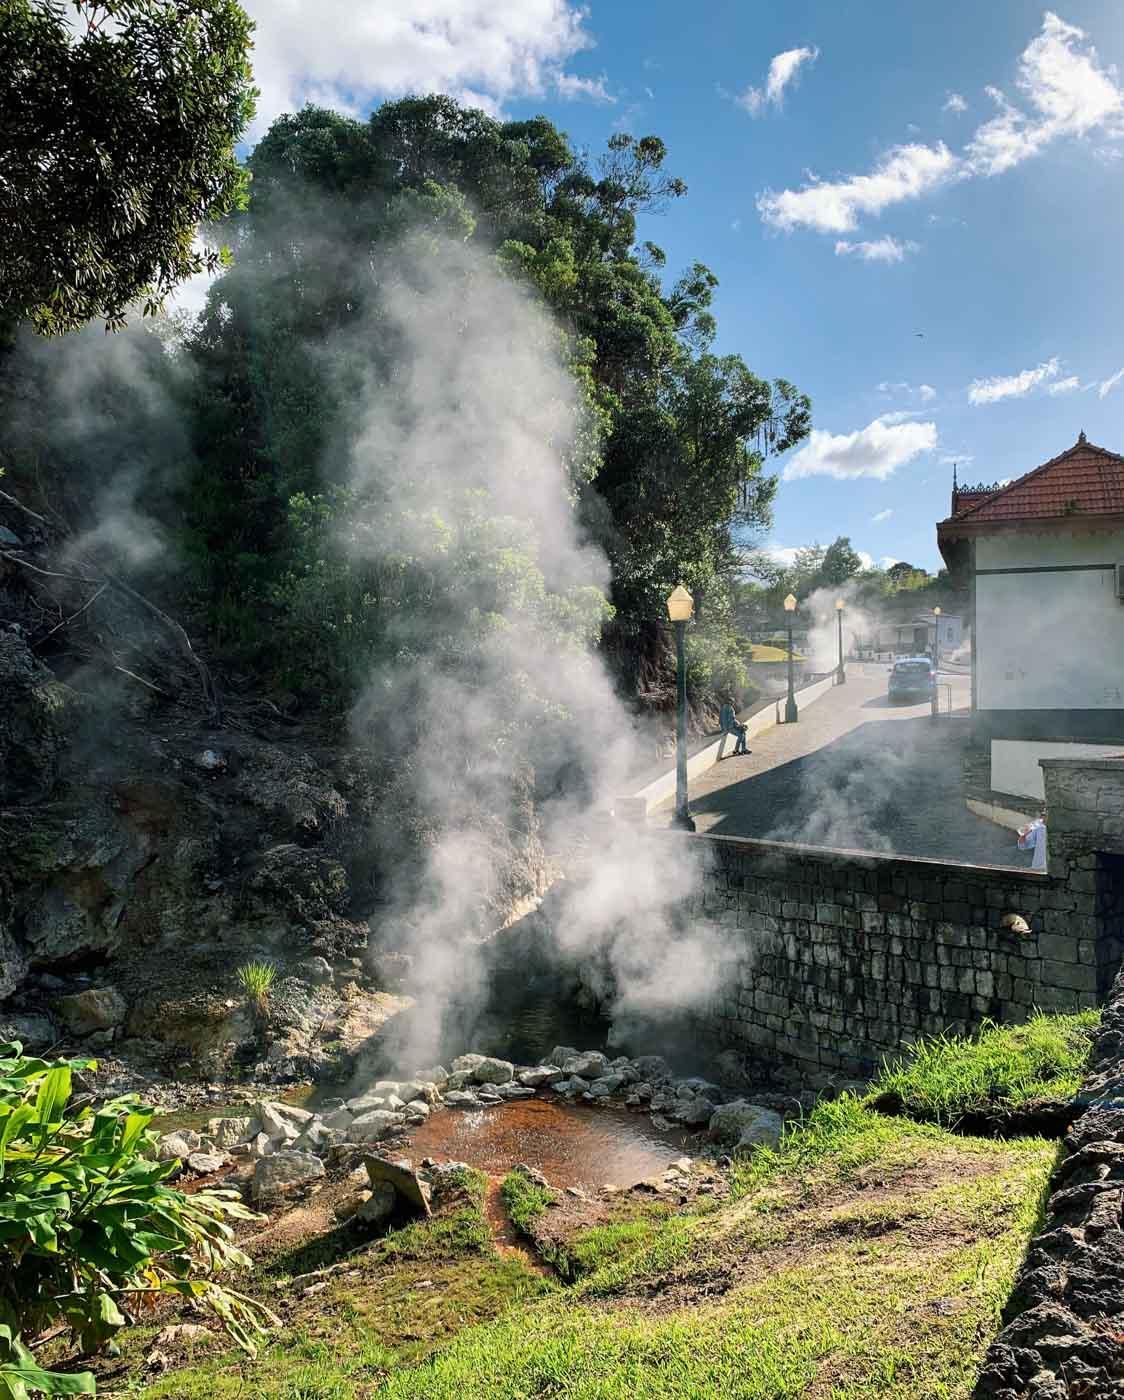 Au détour d'une rue du village de Furnas, des fumerolles et des sources bouillonnantes © YONDER.fr/PG